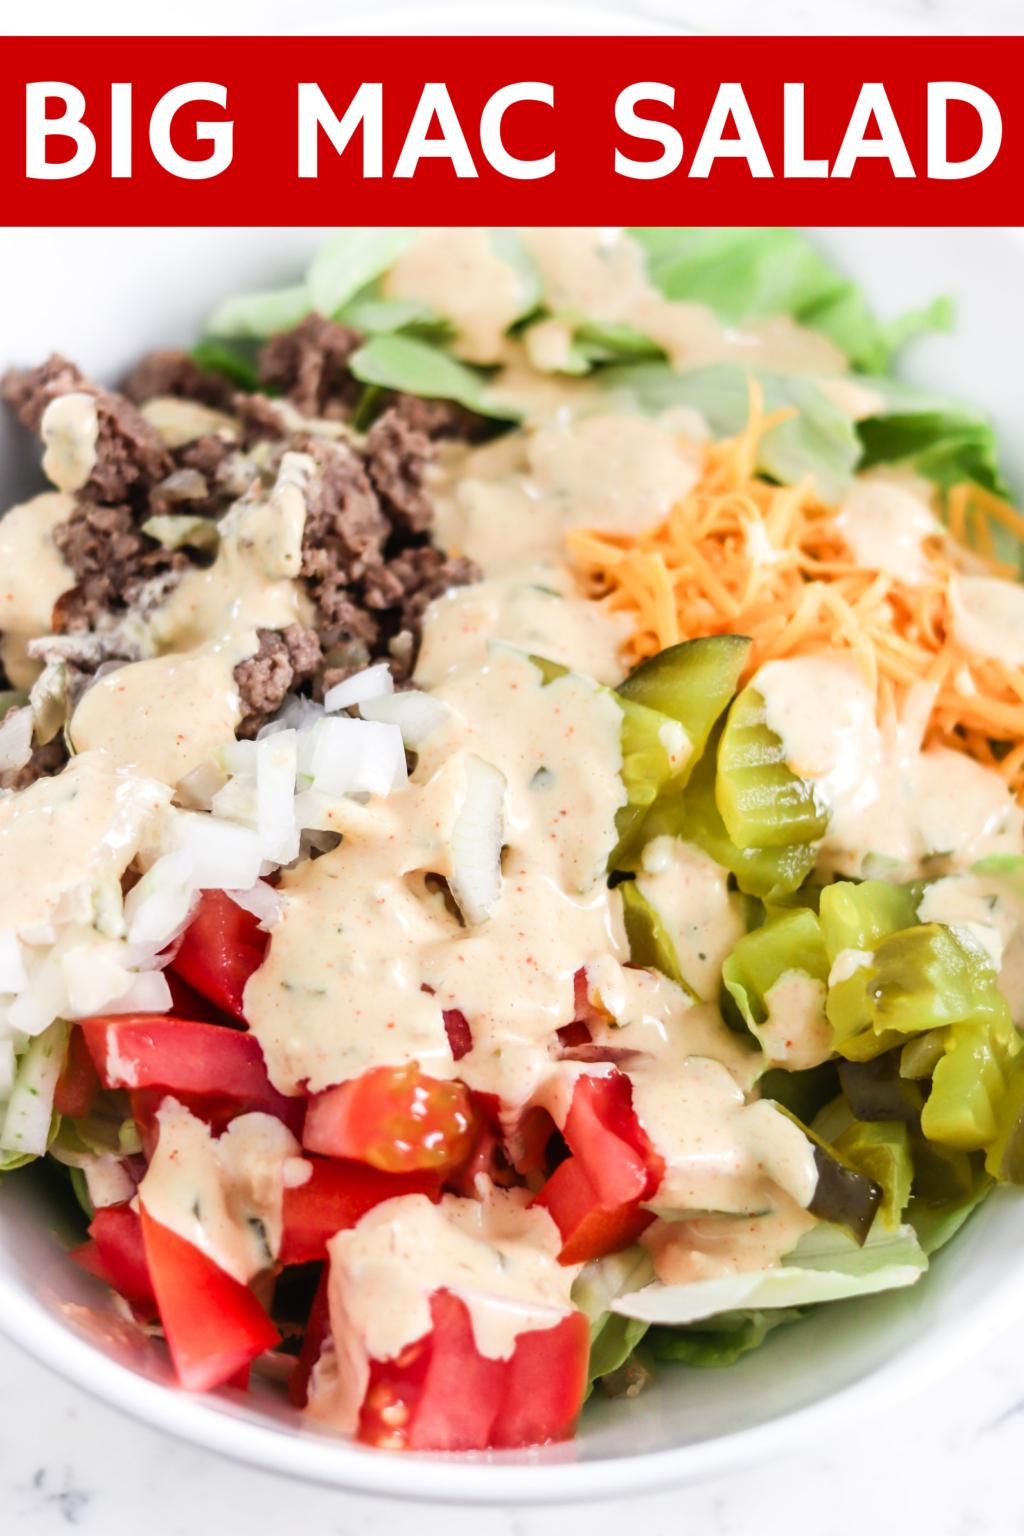 Big Mac Salad with Text overlay